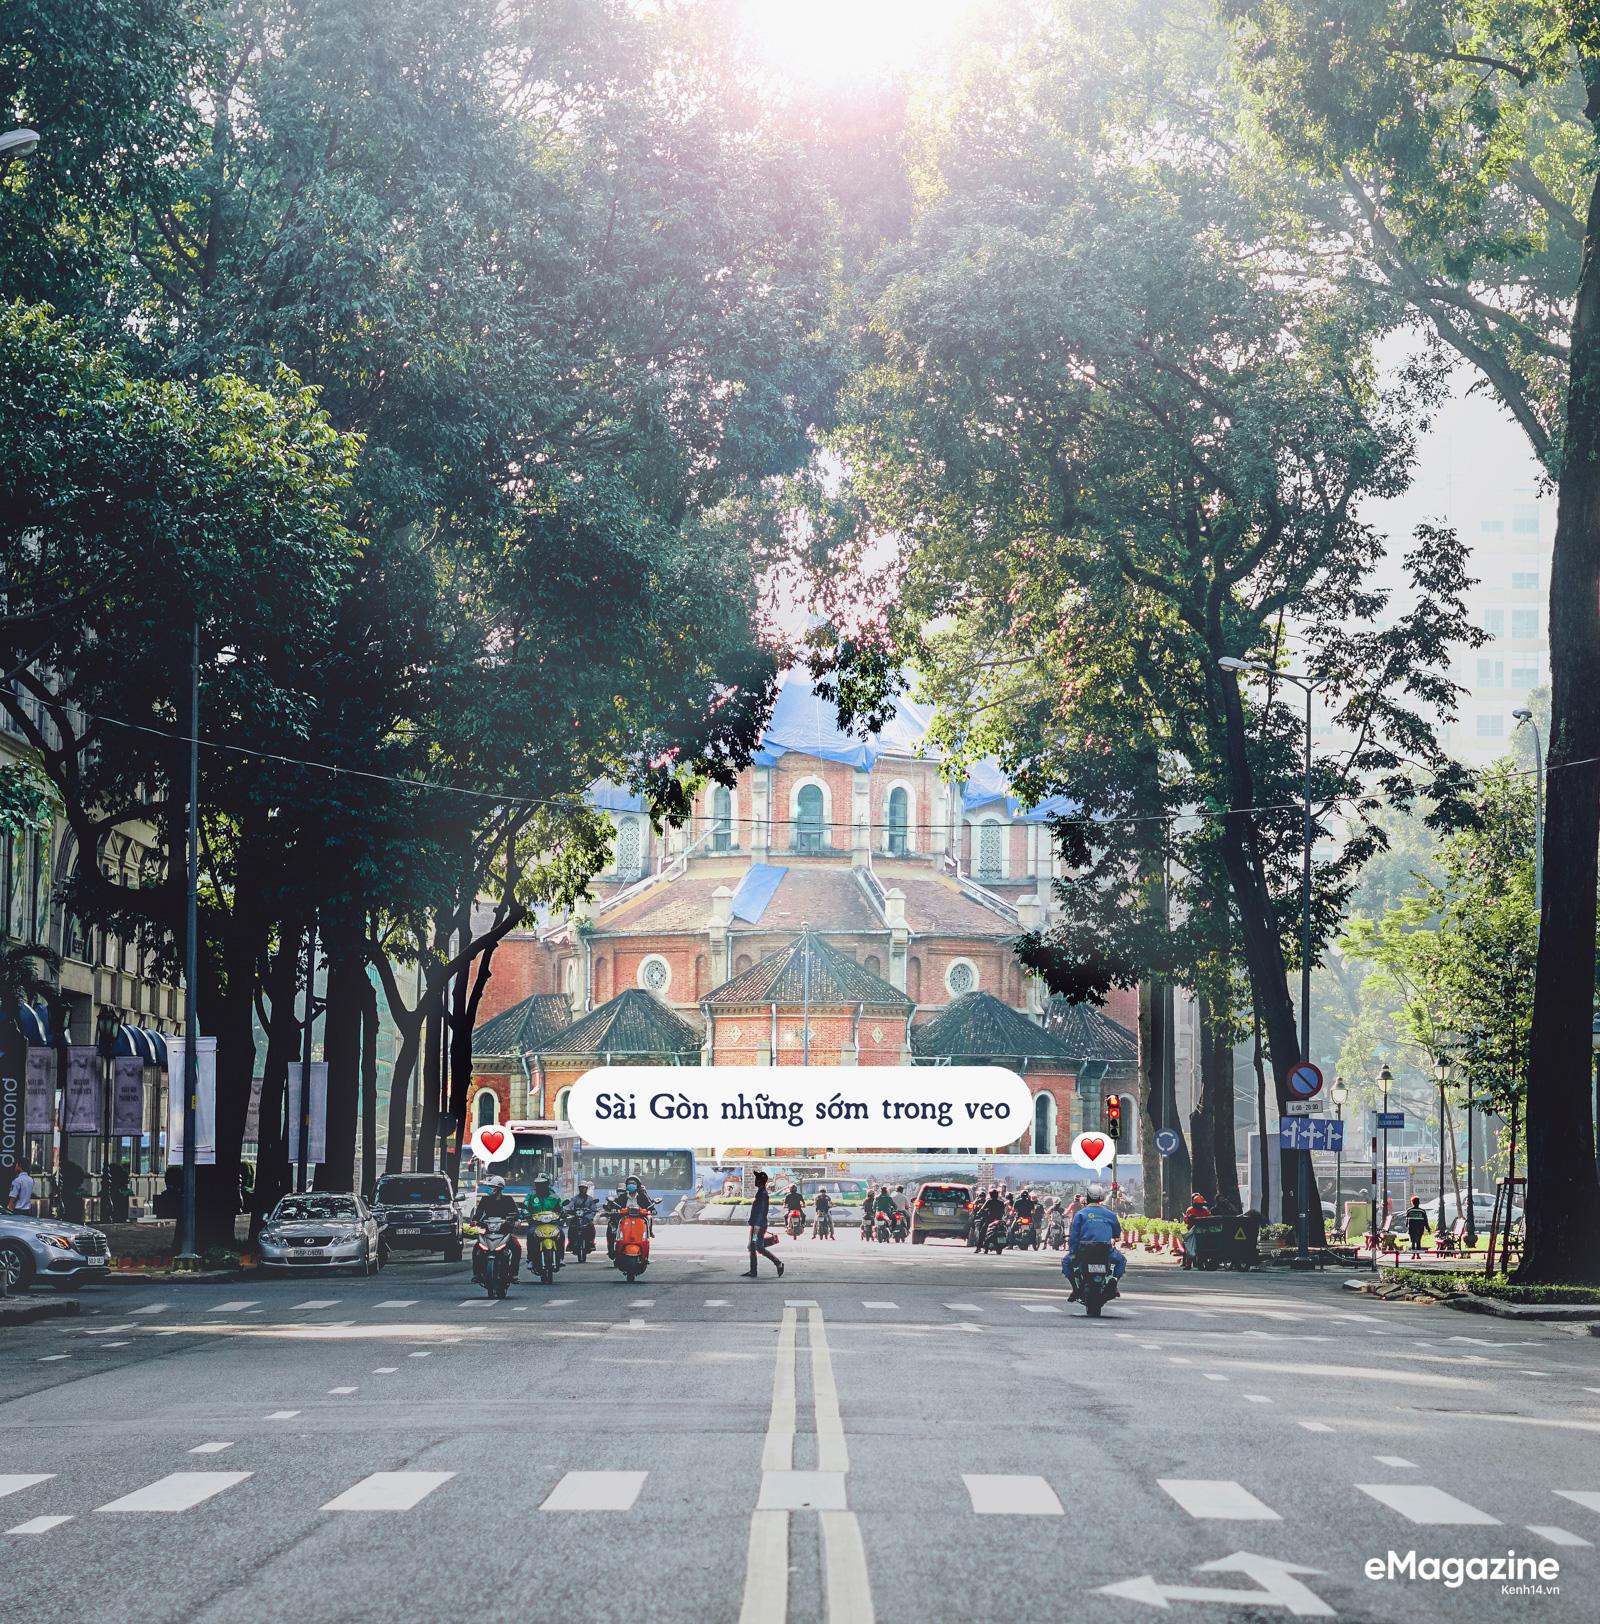 Sài Gòn thiệt thương: Nơi ta để lại tuổi trẻ nhiều nhất, đó sẽ là nơi bình yên nhất - Ảnh 14